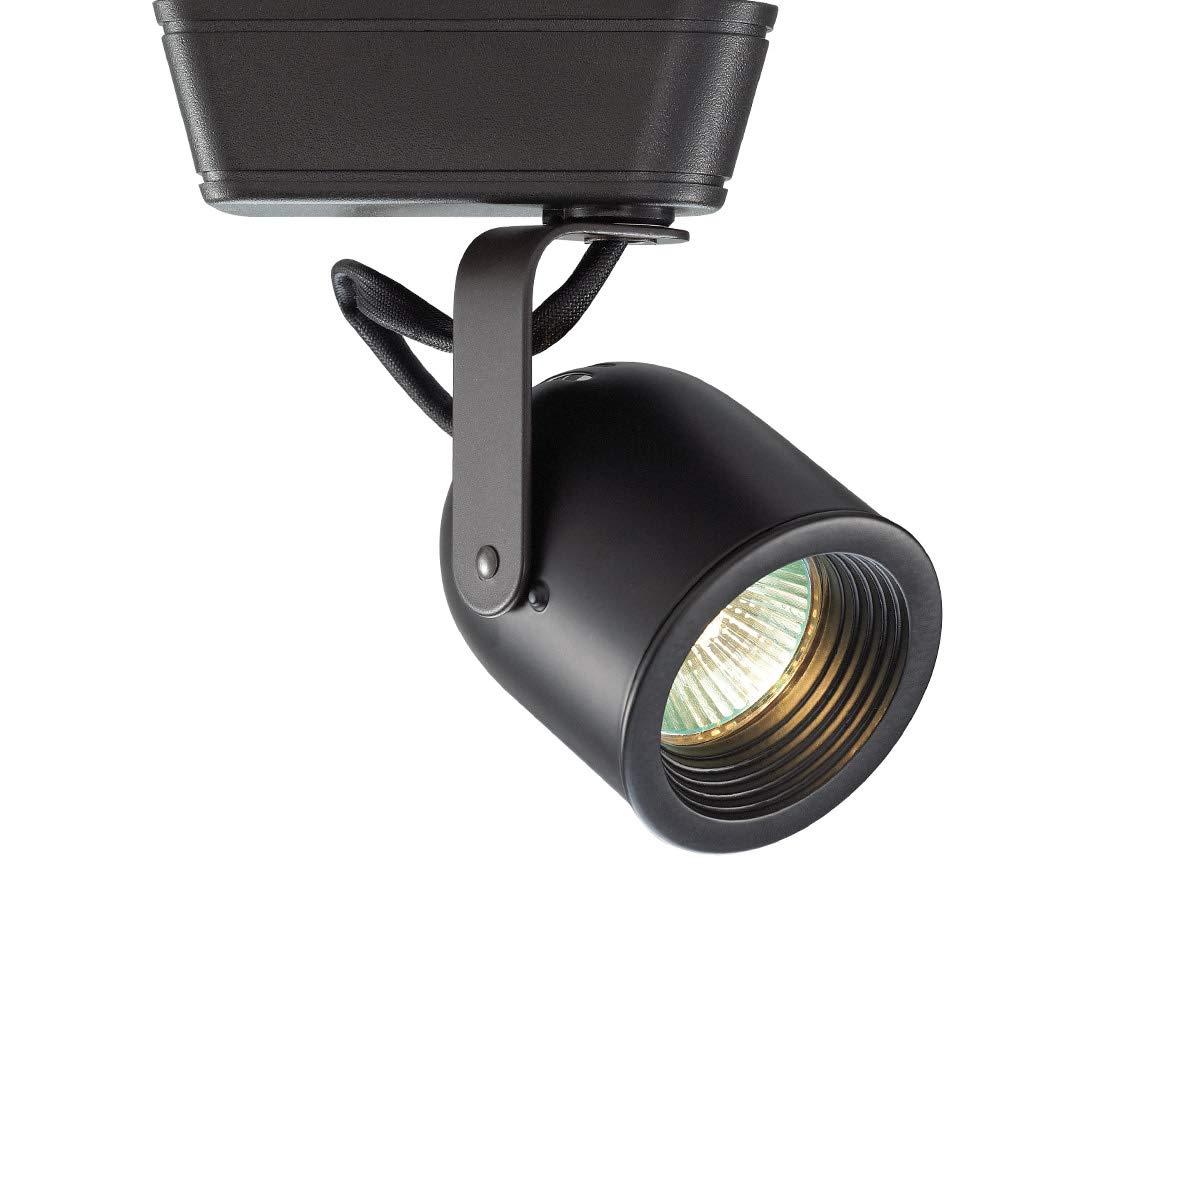 WAC Lighting LHT-808 Low Voltage Track Head 50W, Black